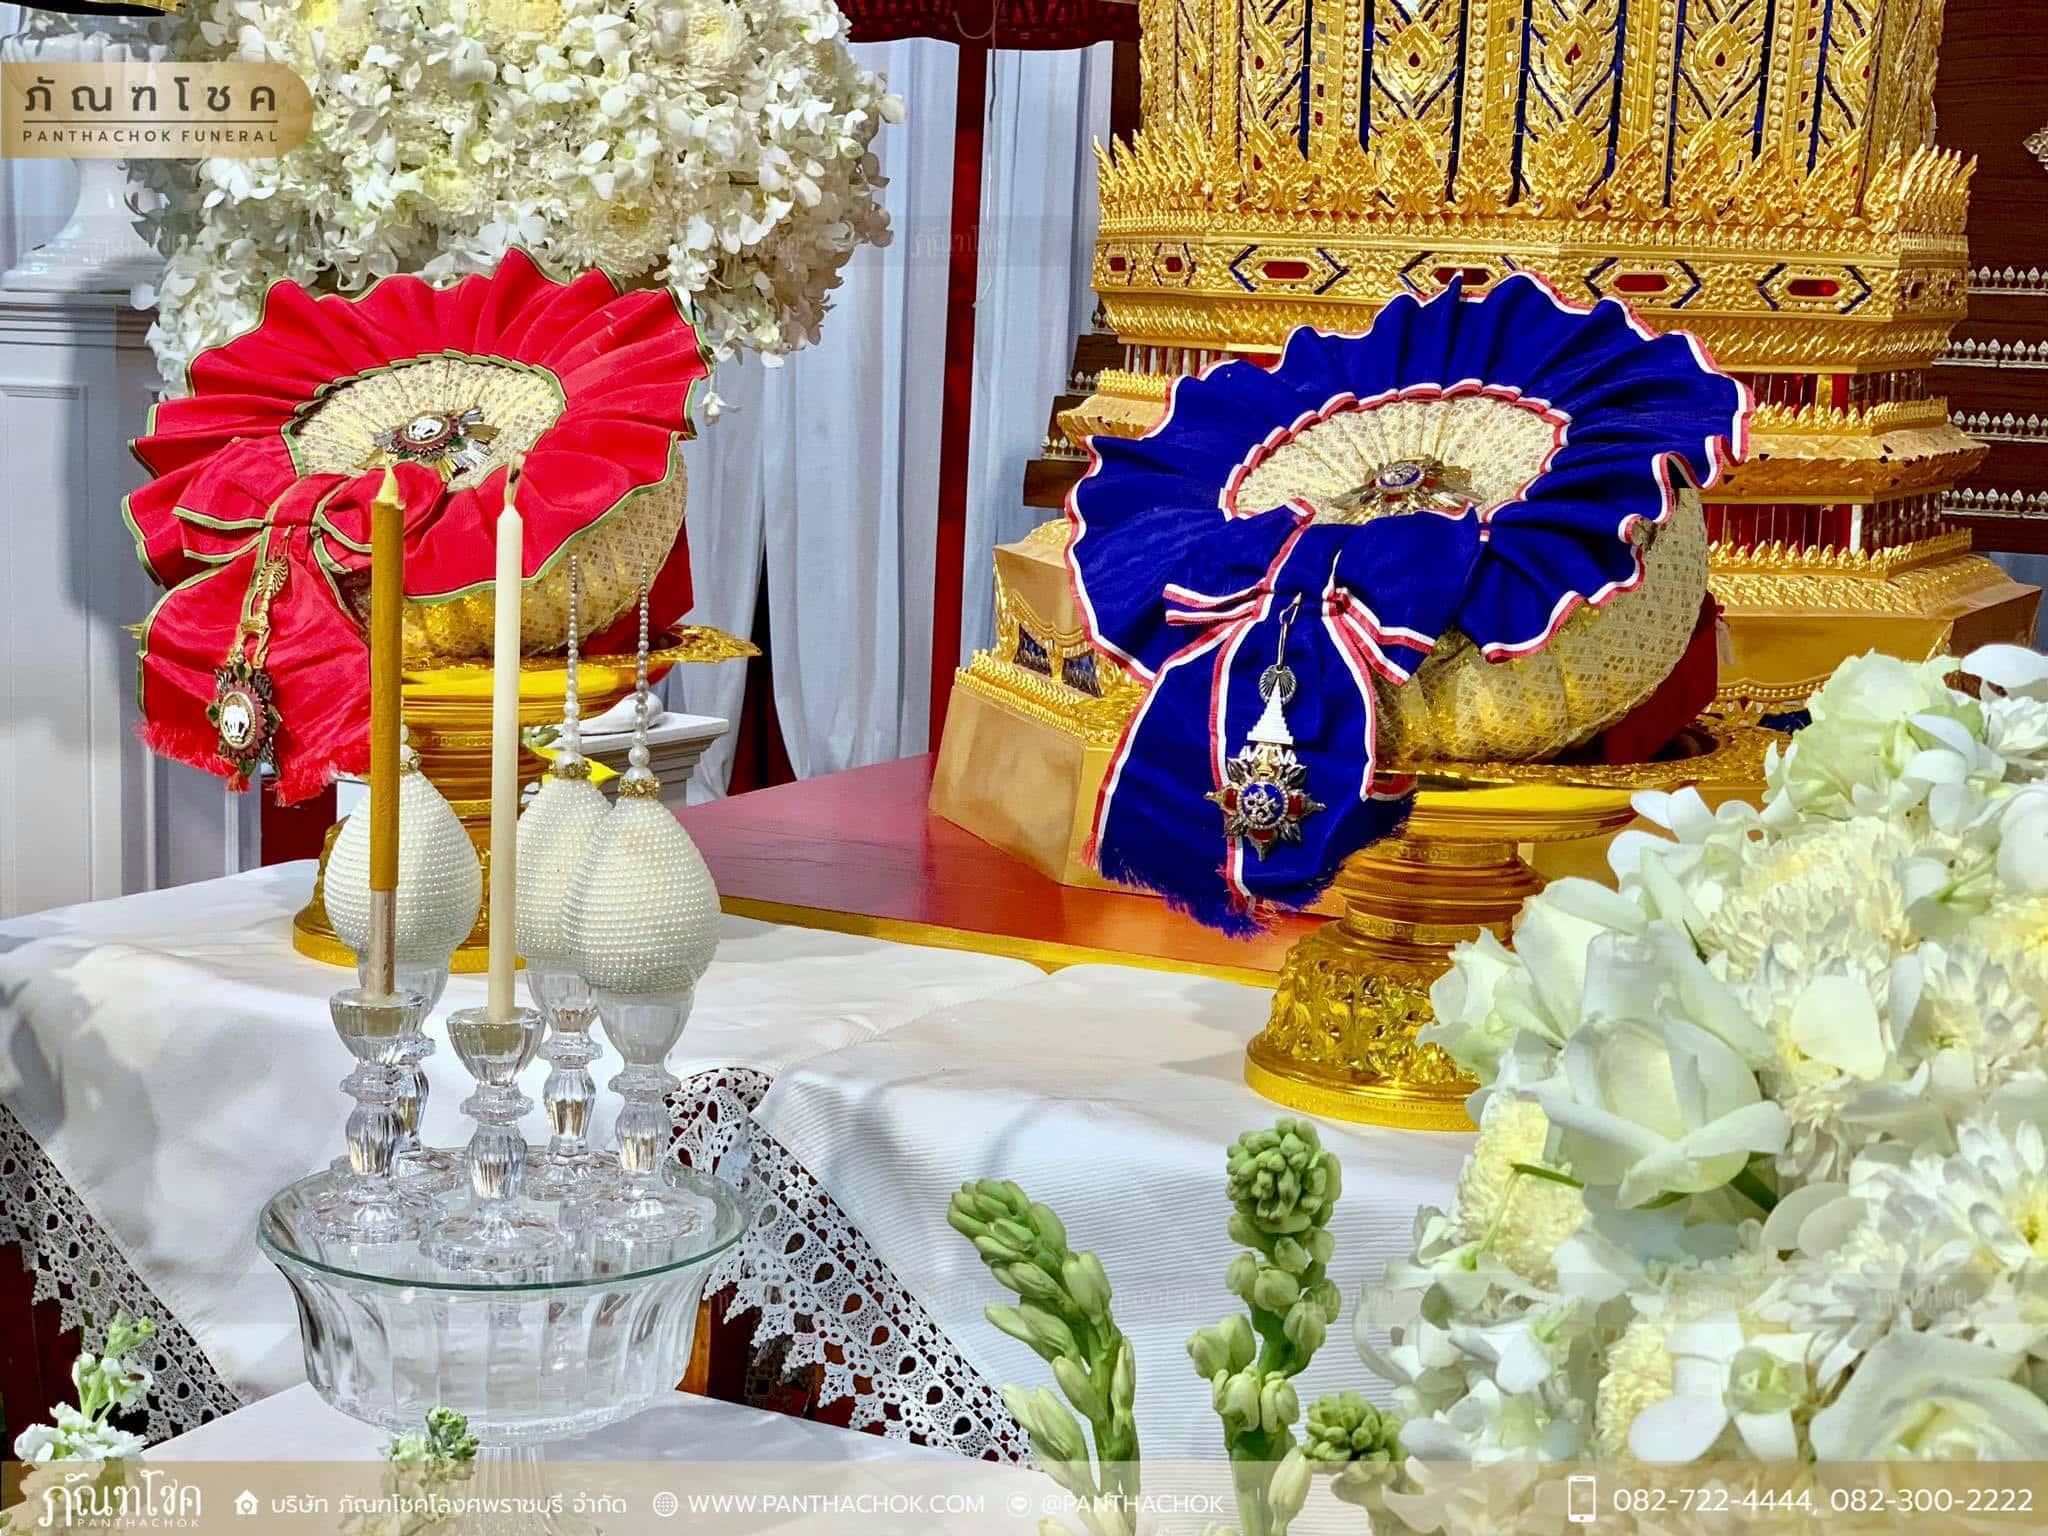 ดอกไม้ประดับหน้าโกศ อดีตผู้ว่าราชการจังหวัดราชบุรี 14